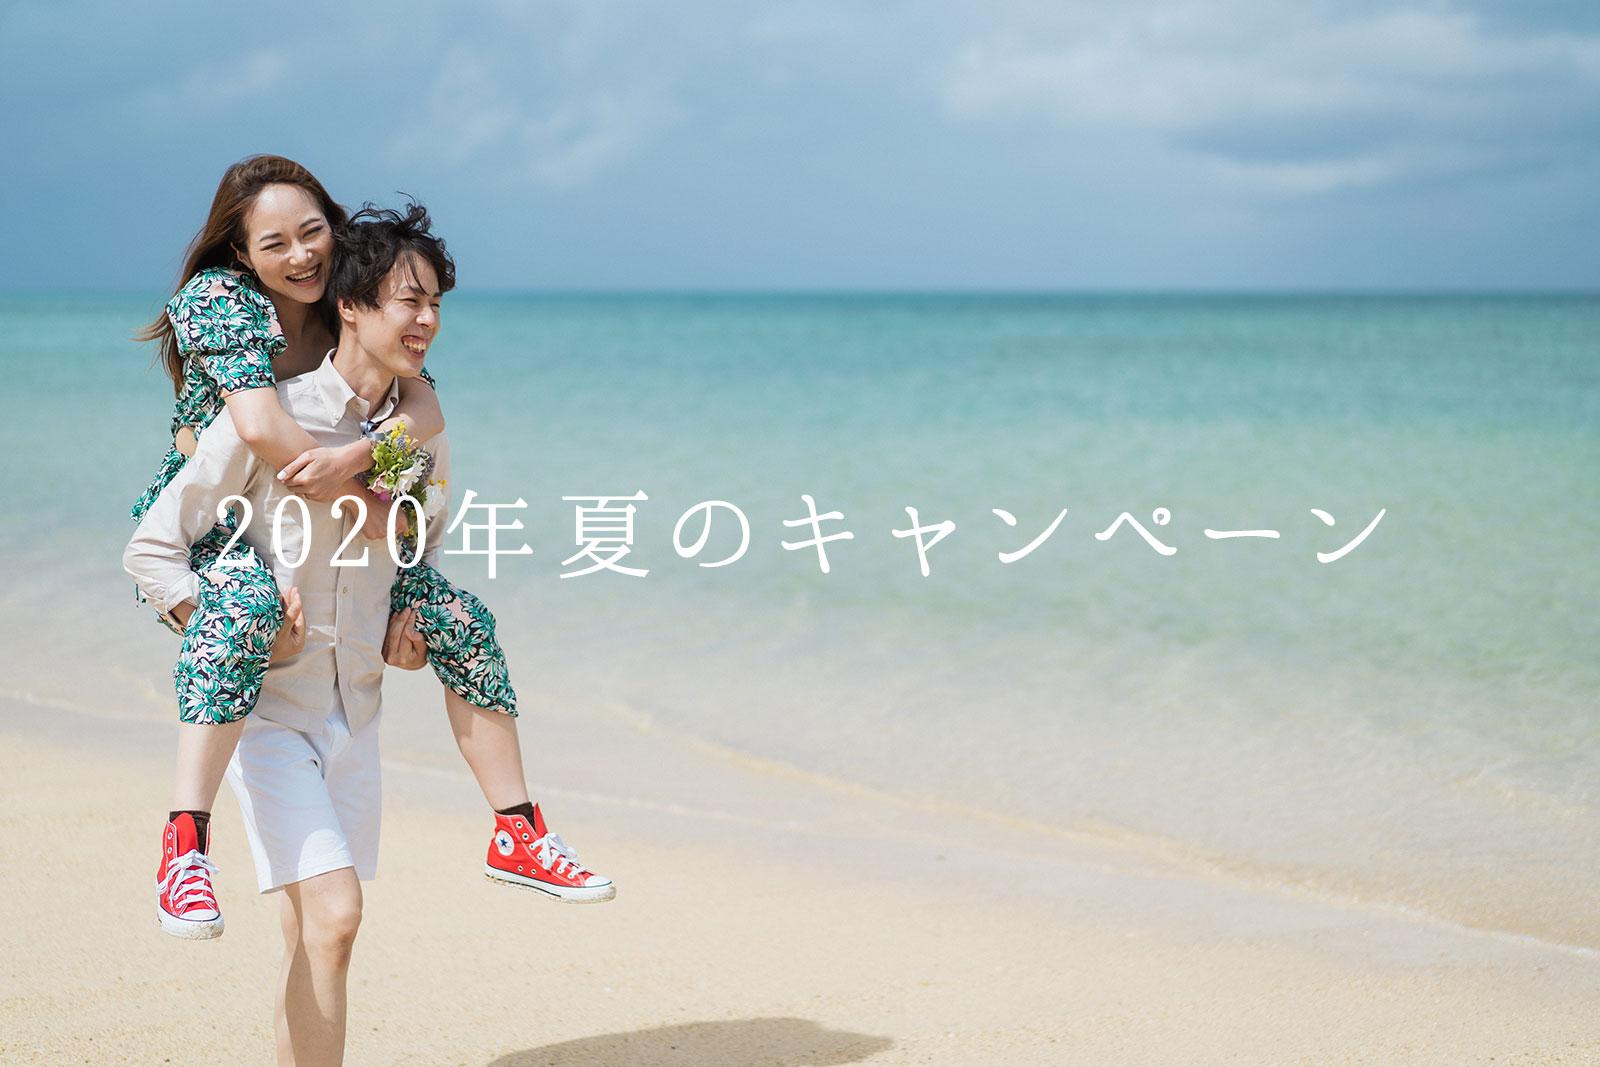 石垣島で撮ろう☆夏のフォトツアー特典!選べる3種類